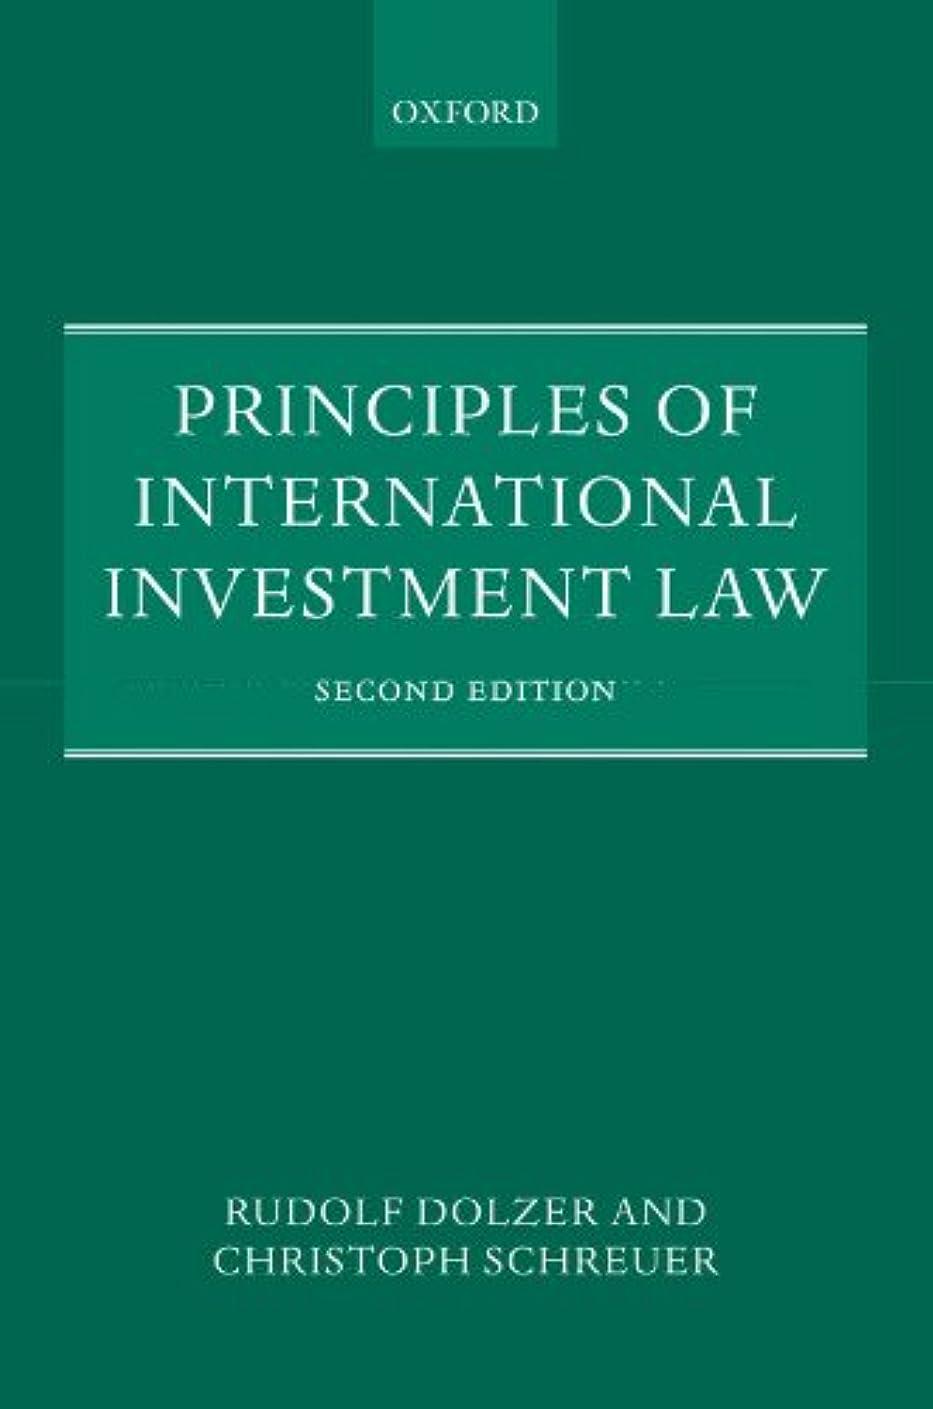 脊椎友だちレシピPrinciples of International Investment Law (English Edition)